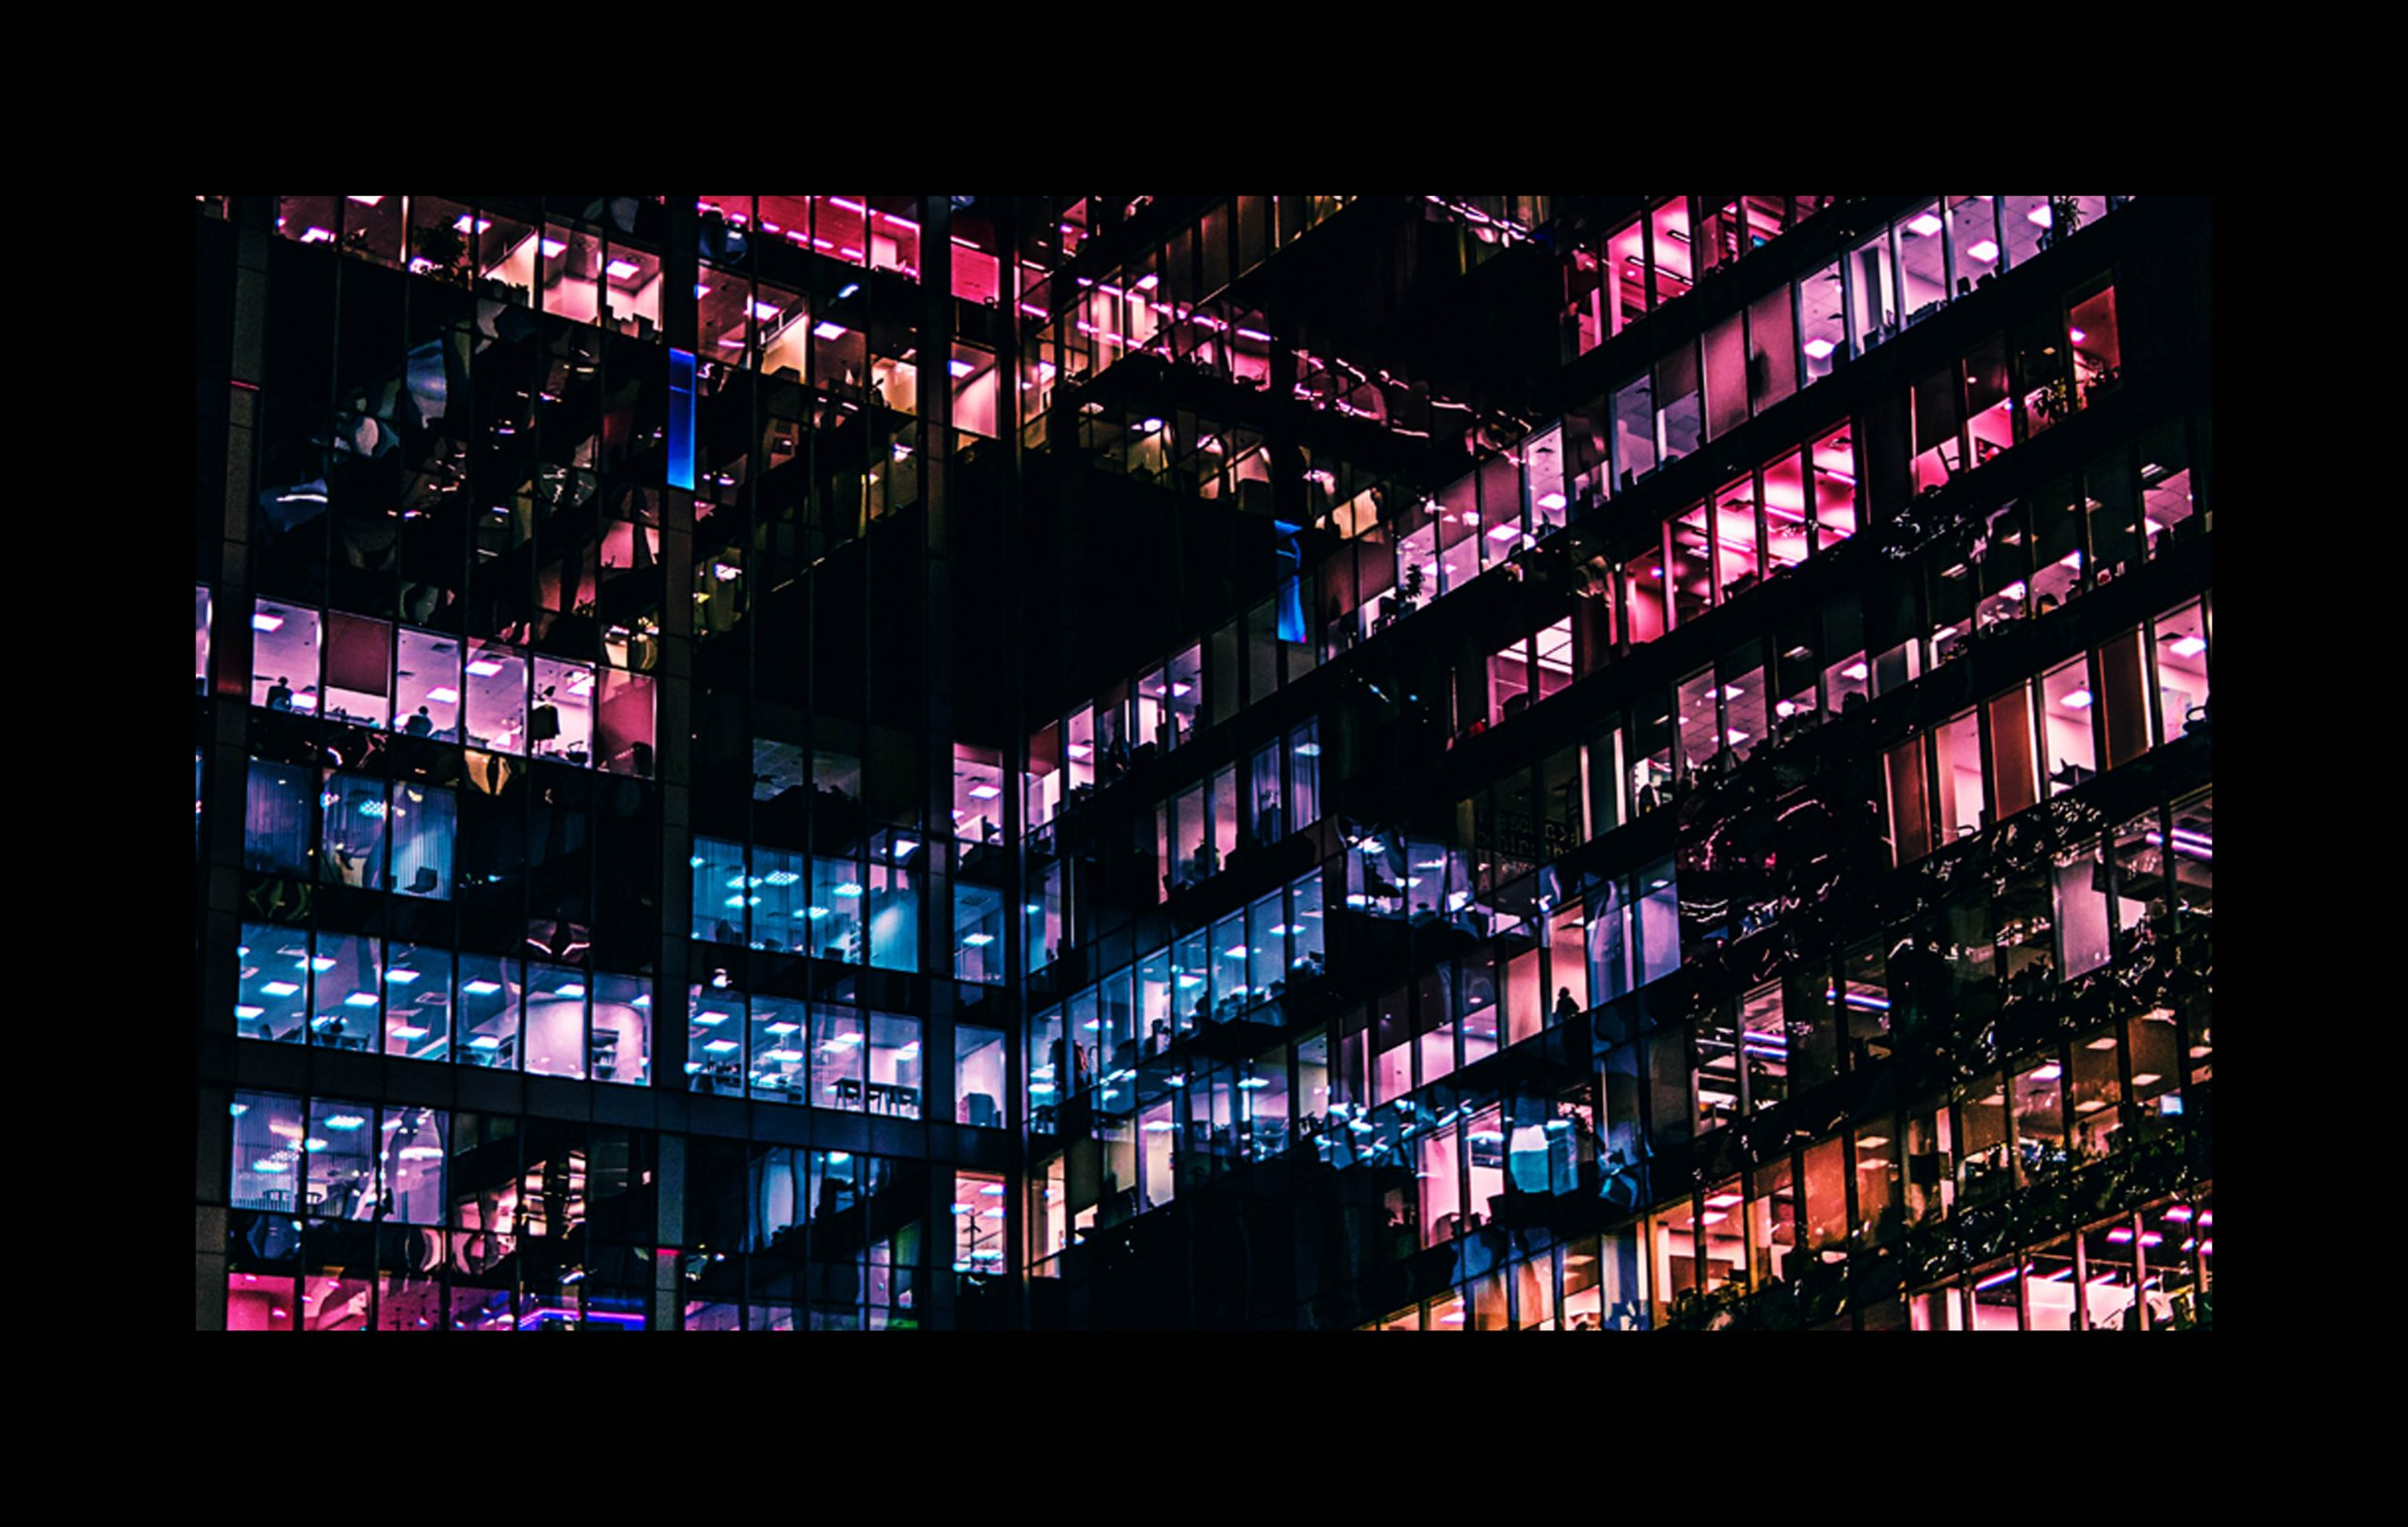 Bureaux symbolisant le mal être au travail les risques psychosociaux et le bien être au travail à régler